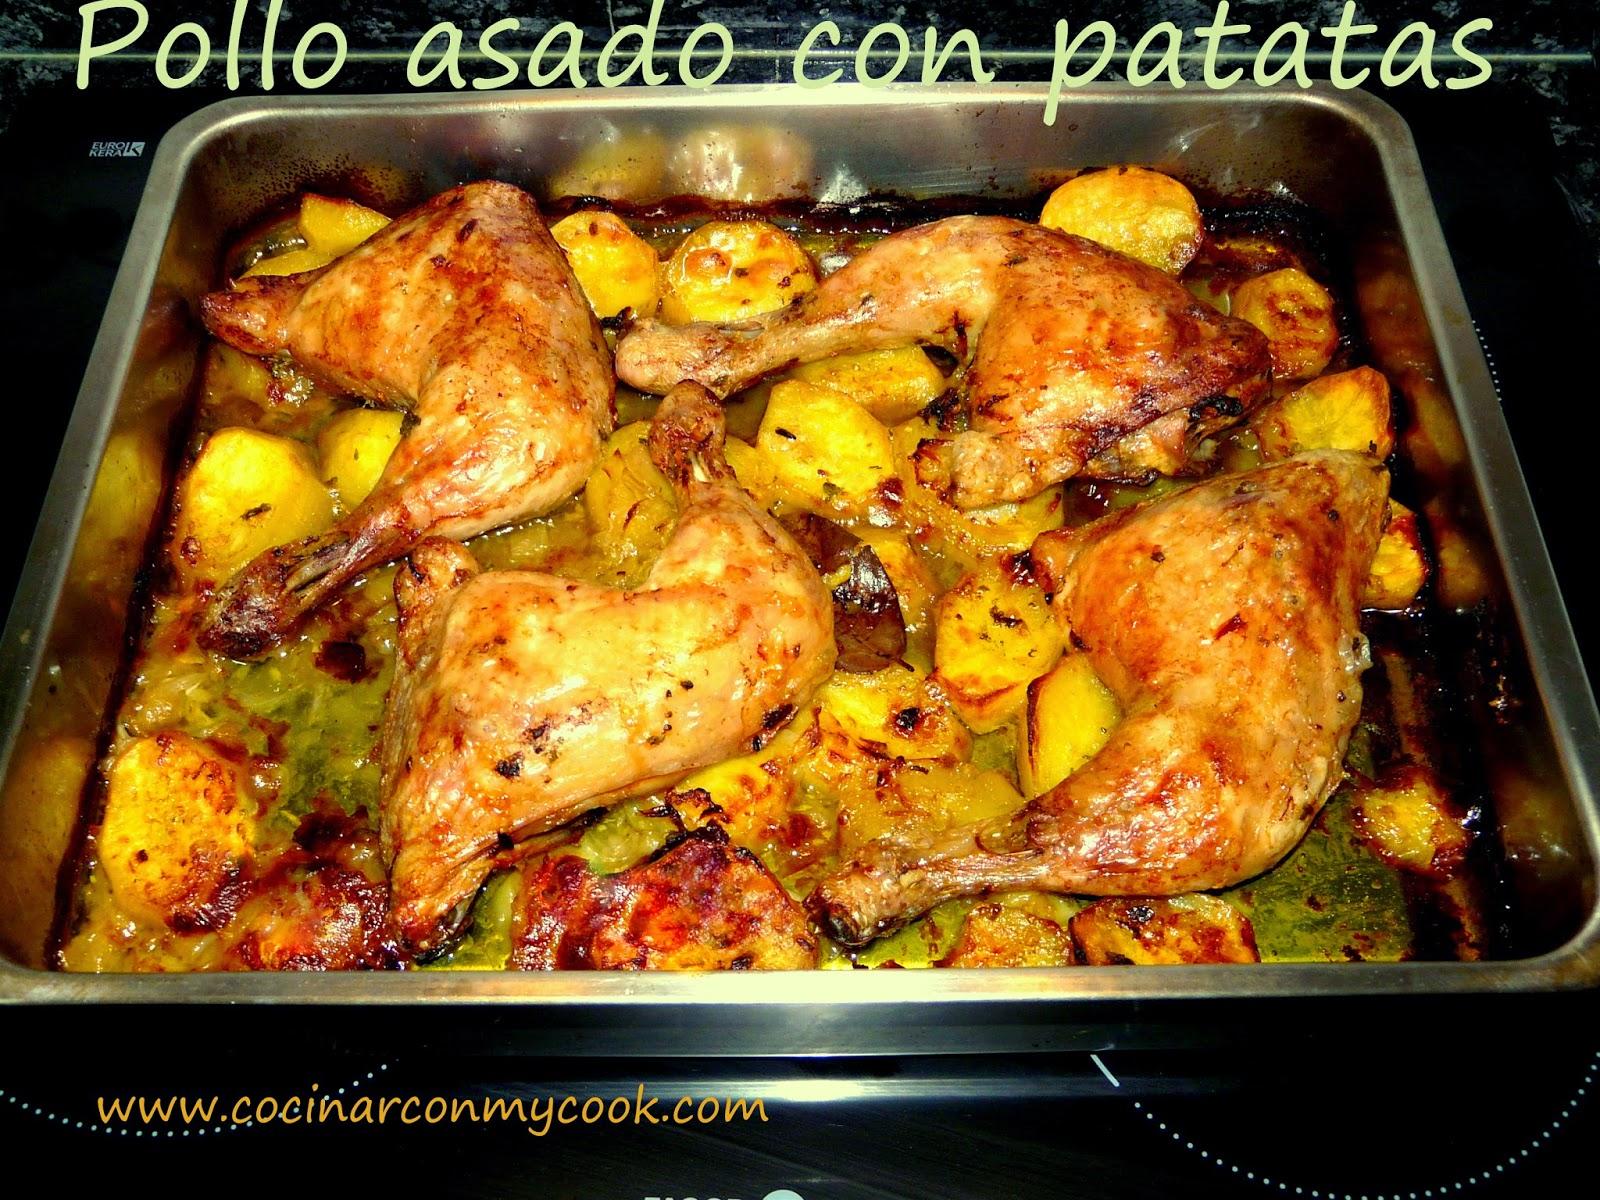 Cocinar con mycook pollo asado con patatas for Formas de cocinar pollo